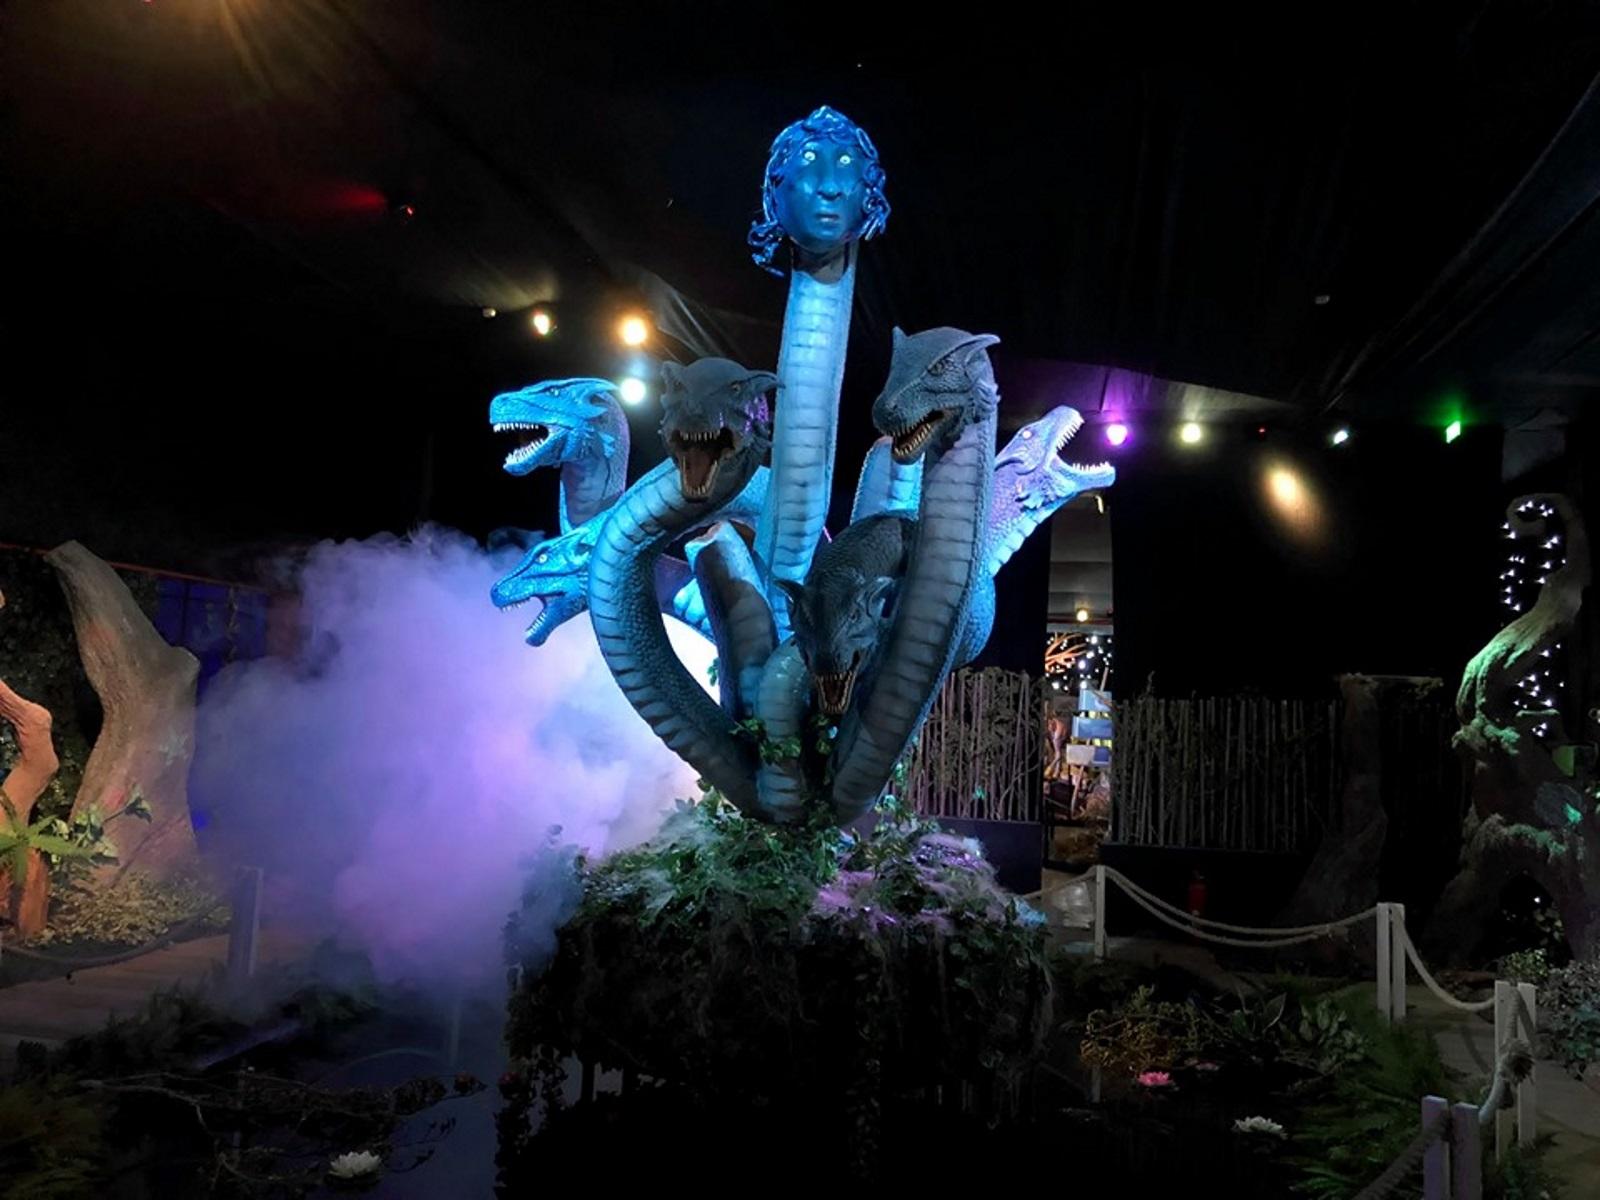 «Ηρακλής – Οι 12 Άθλοι»: Το μυθολογικό πάρκο ανοίγει στο Περιστέρι!